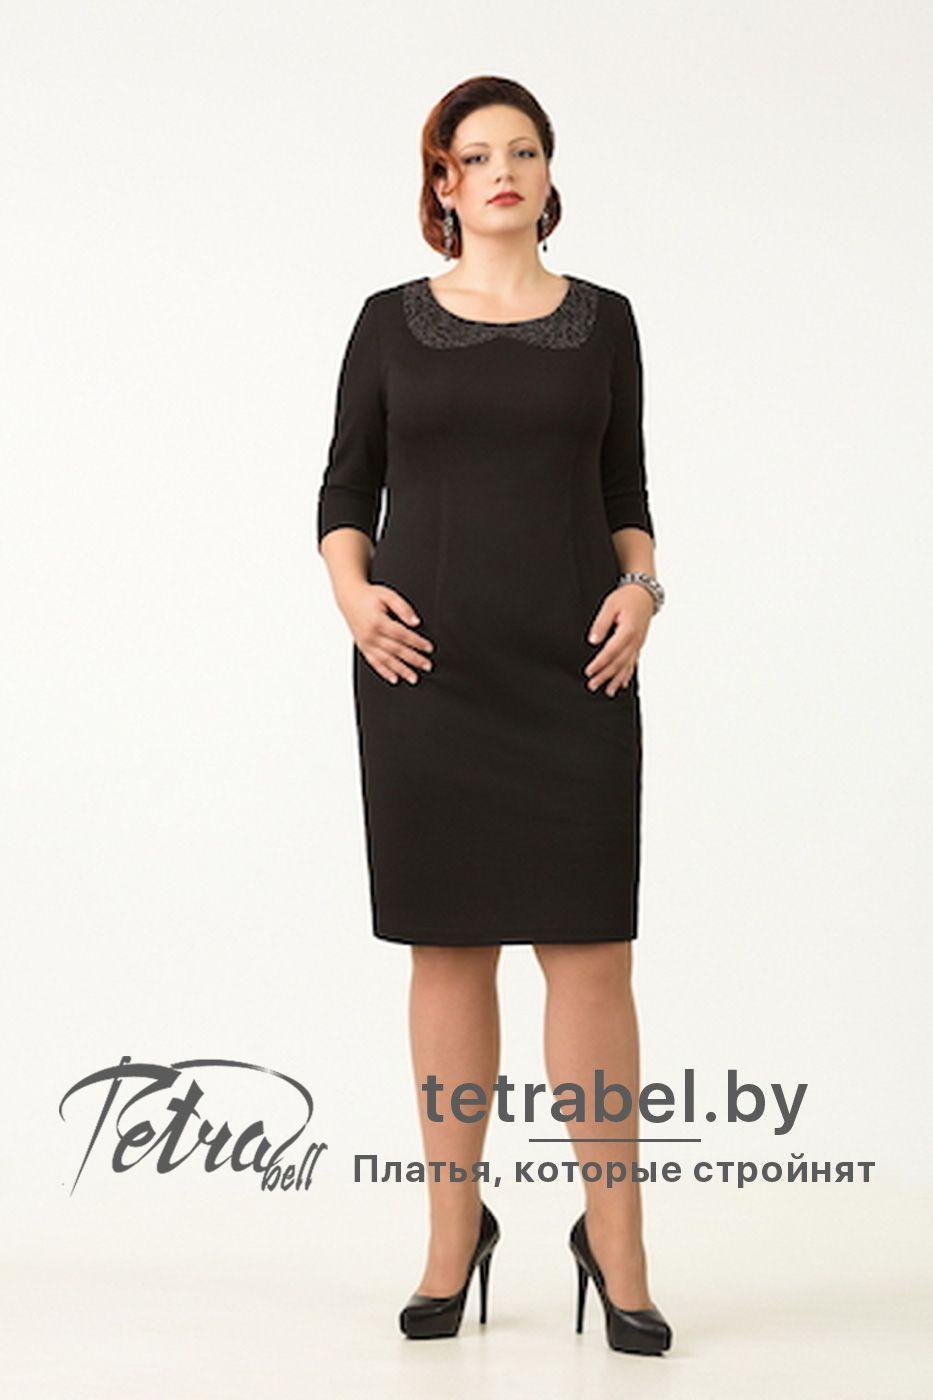 ddc87d35833 Стильное маленькое черное платье-футляр с рукавами в три четверти из  трикотажного жаккарда. Платья больших размеров от tetrabel.by.